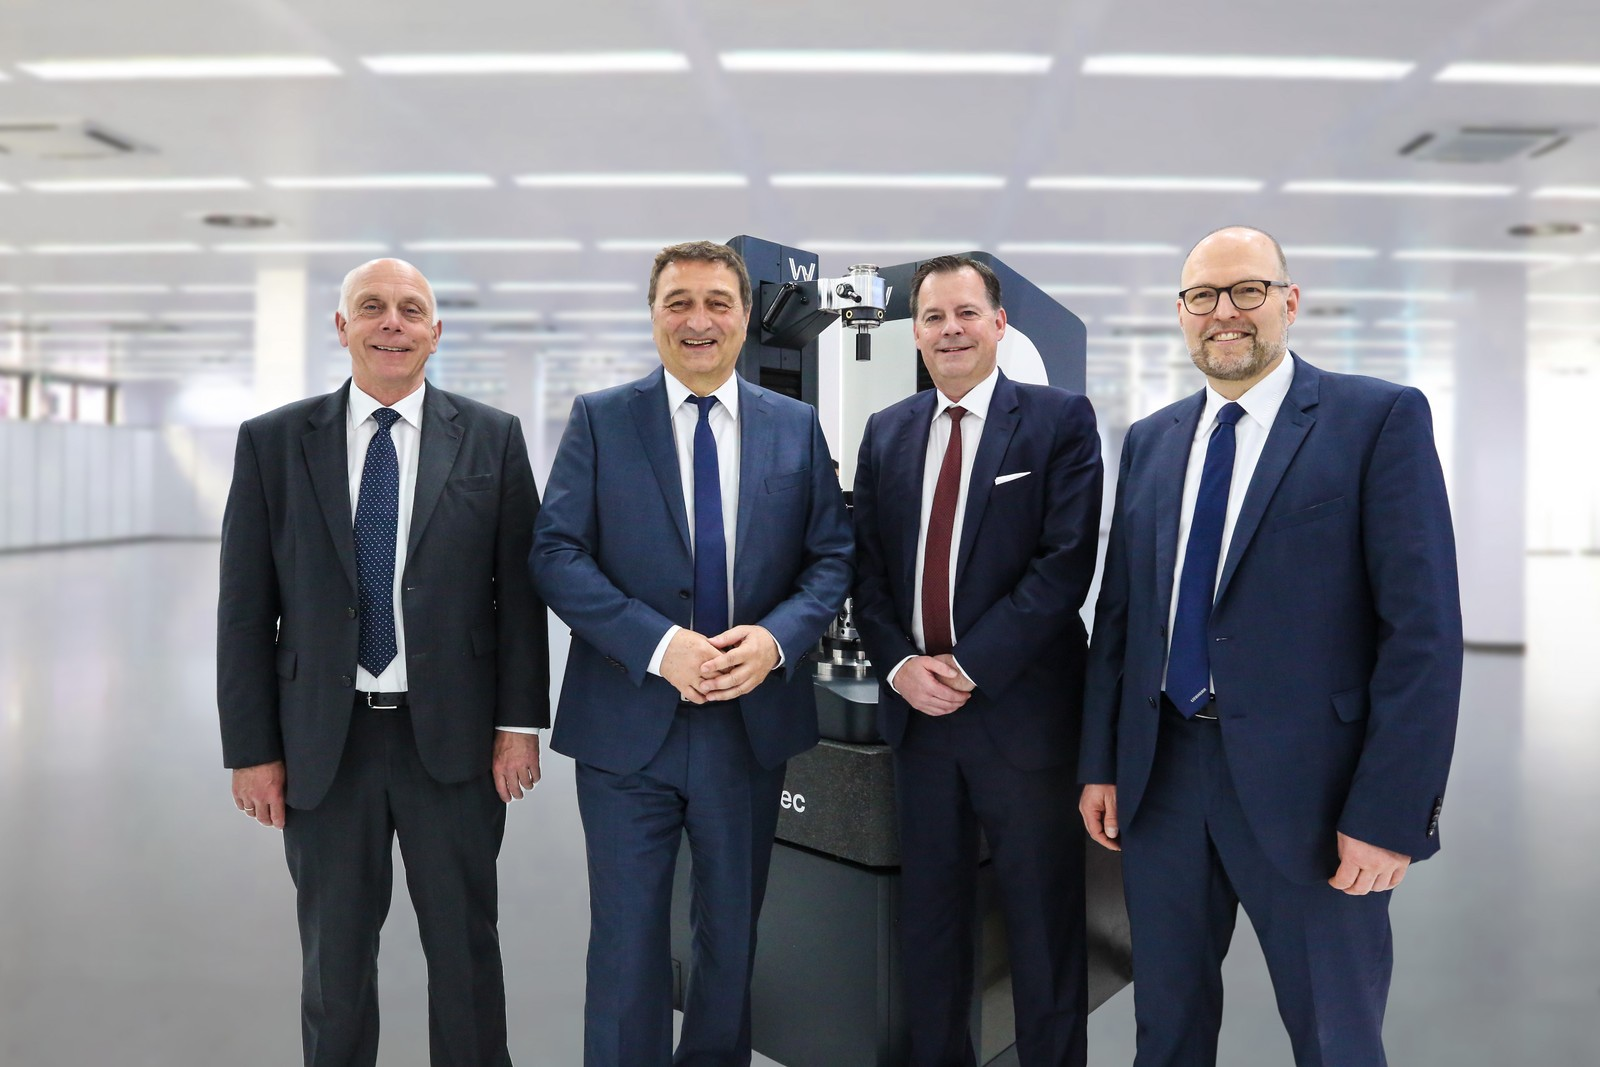 Von links: H. Heinrich Brüderle (Wenzel Geartec), Dr. Christian Lang (Liebherr-Verzahntechnik), Frank Wenzel (Wenzel Geartec), Dr. Hans Gronbach (Liebherr-Verzahntechnik)